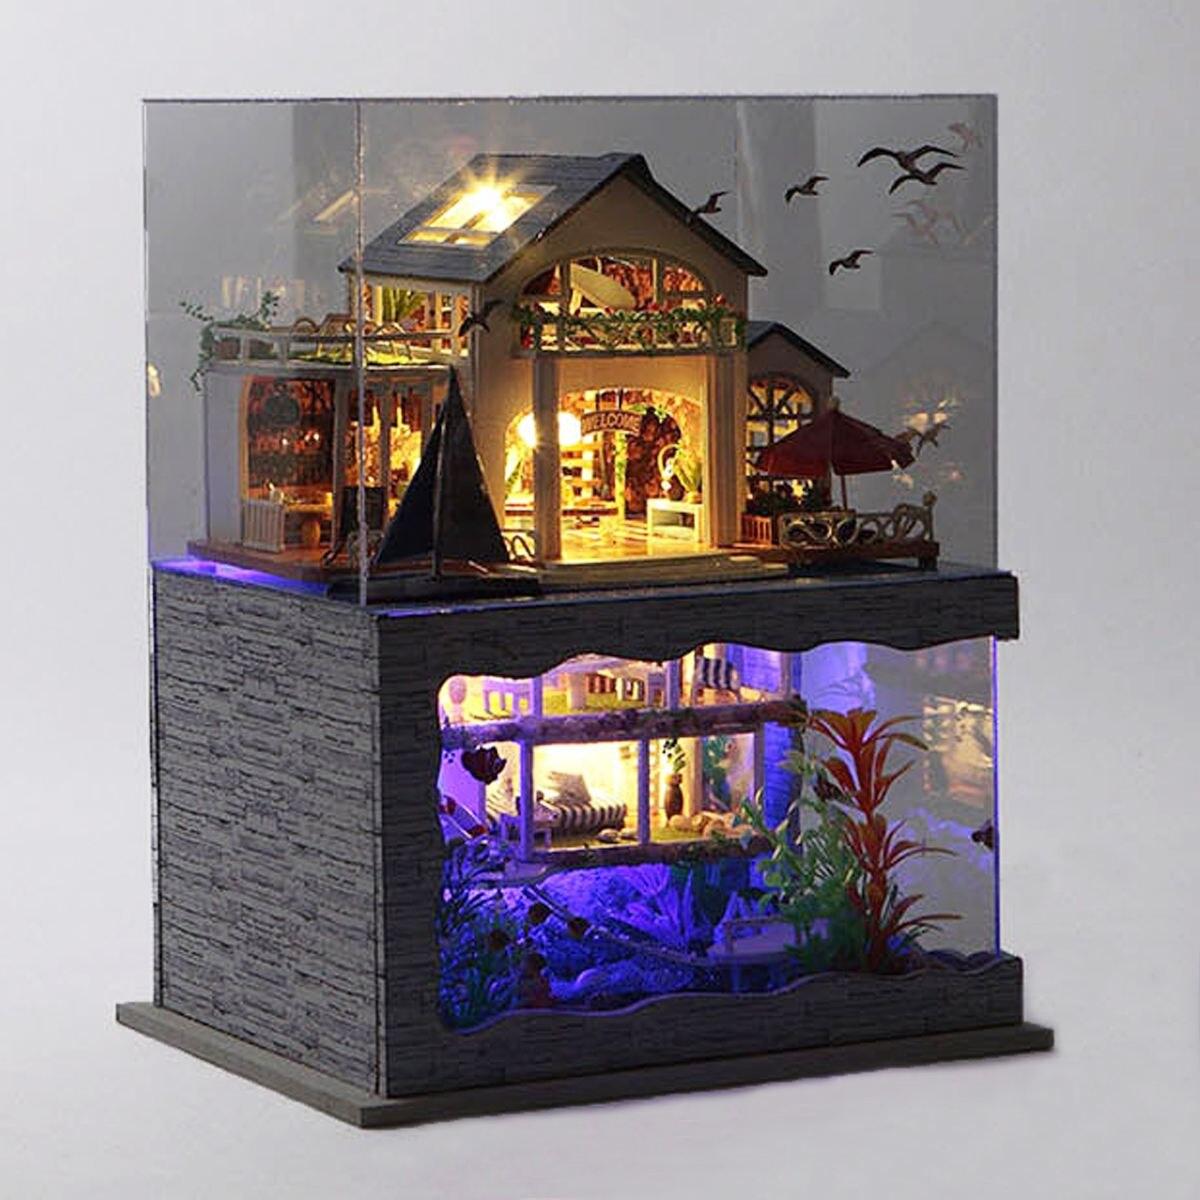 Enfants Do It Yourself en Bois Miniature Poupée W// Meubles Led Maison de Kits